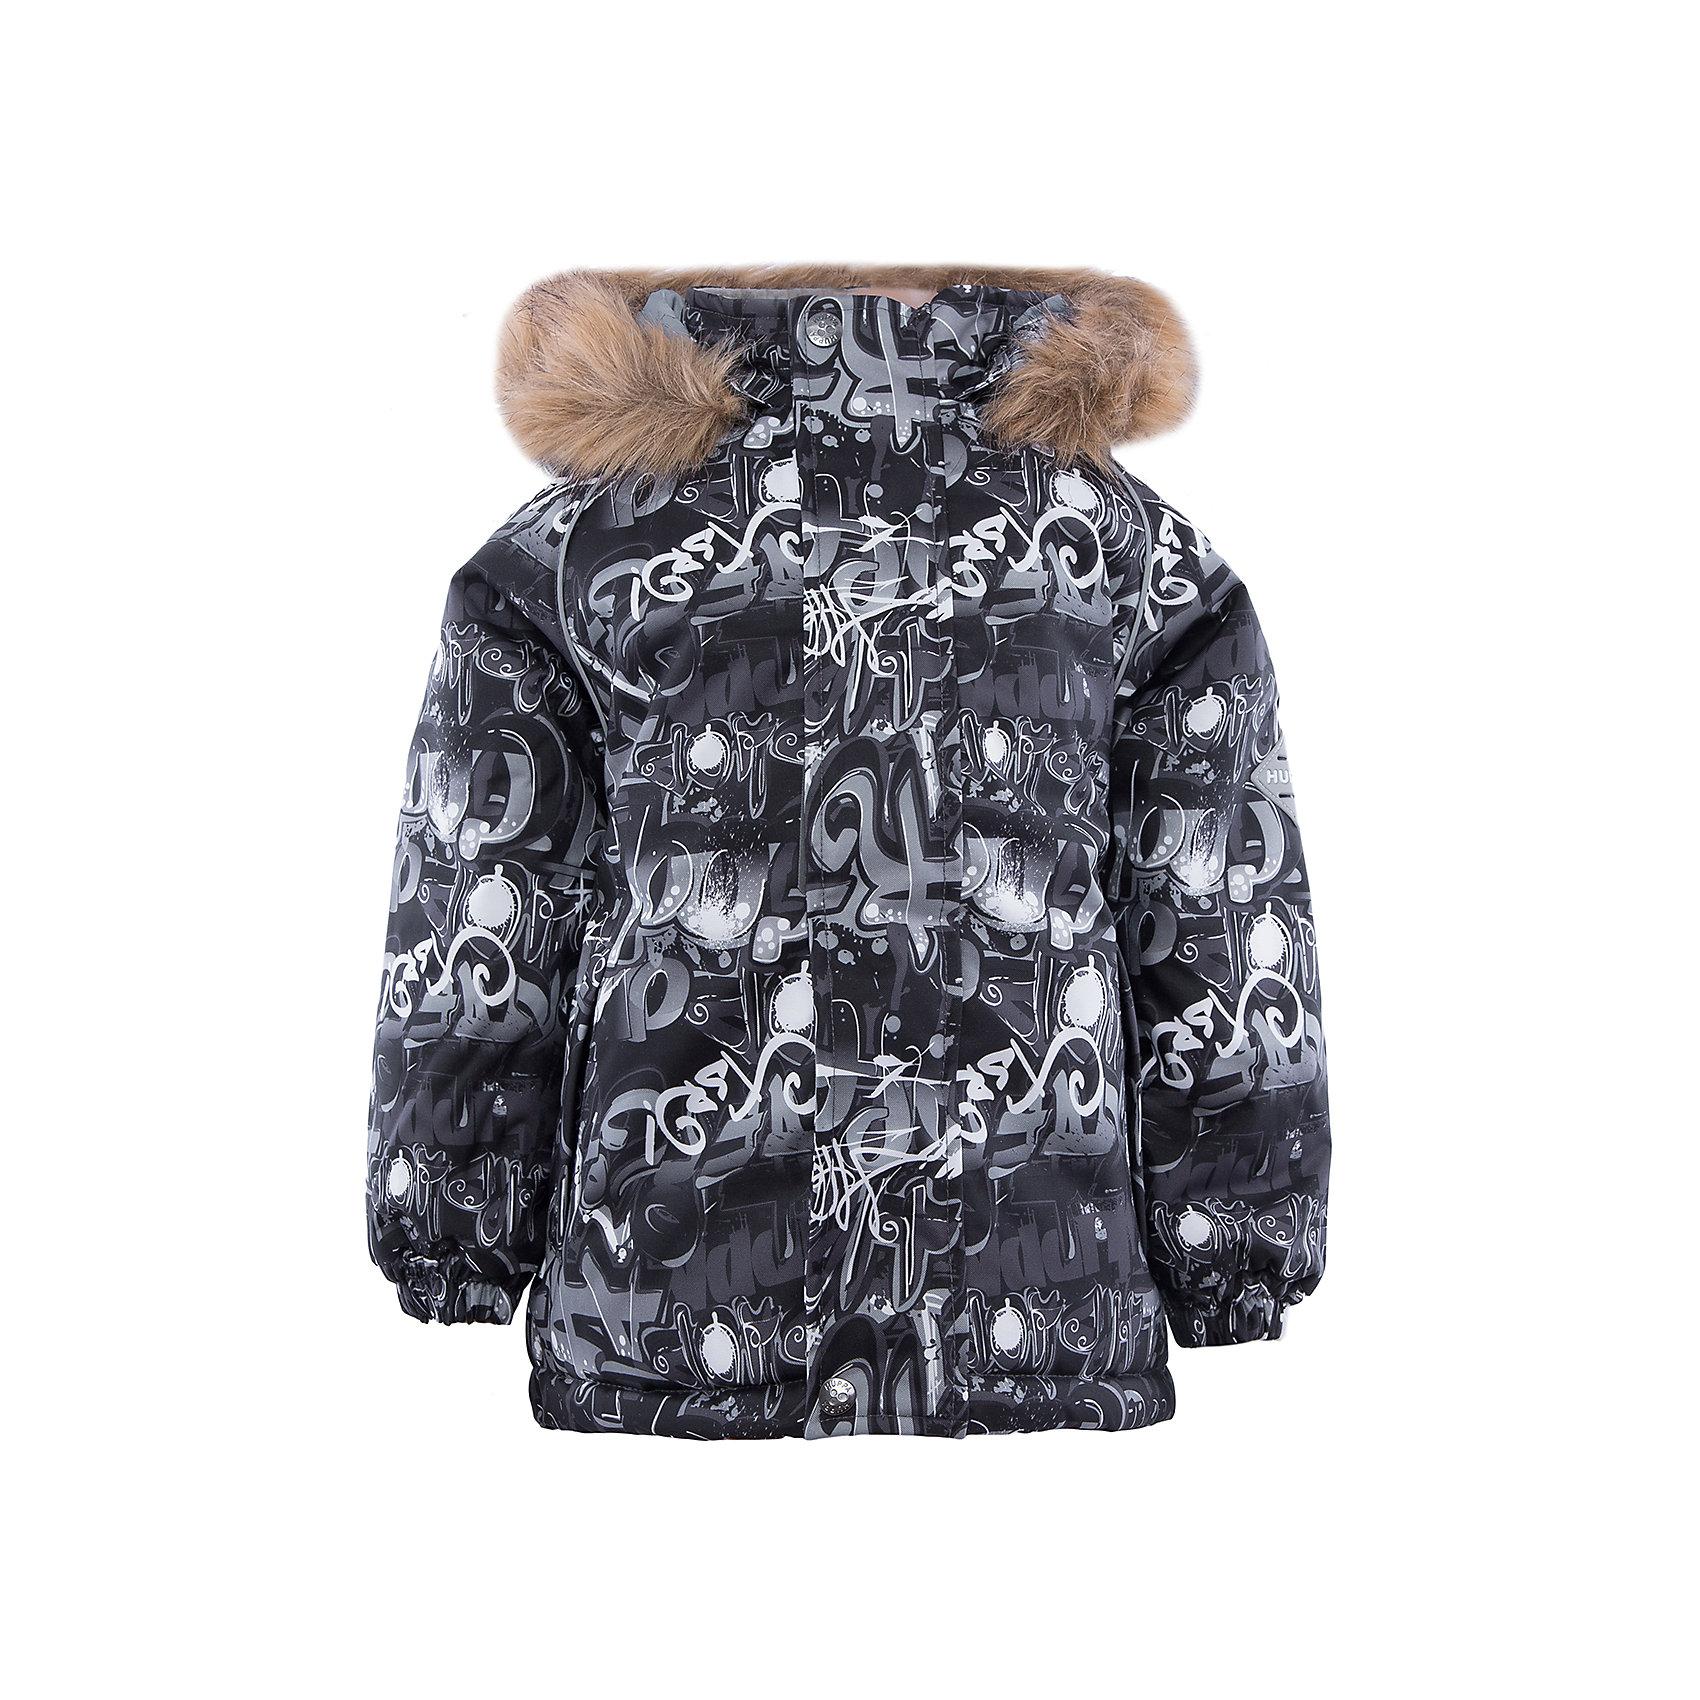 Куртка   для мальчика HuppaЗимние куртки<br>Куртка для мальчика MARINEL Huppa(Хуппа).<br><br>Утеплитель: 100% полиэстер, 300 гр.<br><br>Температурный режим: до -30 градусов. Степень утепления – высокая. <br><br>* Температурный режим указан приблизительно — необходимо, прежде всего, ориентироваться на ощущения ребенка. Температурный режим работает в случае соблюдения правила многослойности – использования флисовой поддевы и термобелья.<br><br>Изготовлена из теплых и прочных материалов. Верх куртки с дышащей водоотталкивающей поверхностью поможет ребенку оставаться в сухости и тепле. На манжетах предусмотрены резинки, чтобы снег не попадал под одежду. Капюшон куртки с искусственным мехом отстегивается. <br>Куртка легко стирается, быстро сохнет и защищена от истирания. Отлично подойдет для зимних прогулок.<br><br>Дополнительная информация:<br>Материал: 100% полиэстер<br>Подкладка: тафта - 100% полиэстер, флис - 100% полиэстер<br>Цвет: белый/серый<br><br>Куртку MARINEL Huppa(Хуппа) можно купить в нашем интернет-магазине.<br><br>Ширина мм: 356<br>Глубина мм: 10<br>Высота мм: 245<br>Вес г: 519<br>Цвет: серый<br>Возраст от месяцев: 24<br>Возраст до месяцев: 36<br>Пол: Мужской<br>Возраст: Детский<br>Размер: 98,140,92,104,110,116,122,128,134<br>SKU: 4928147